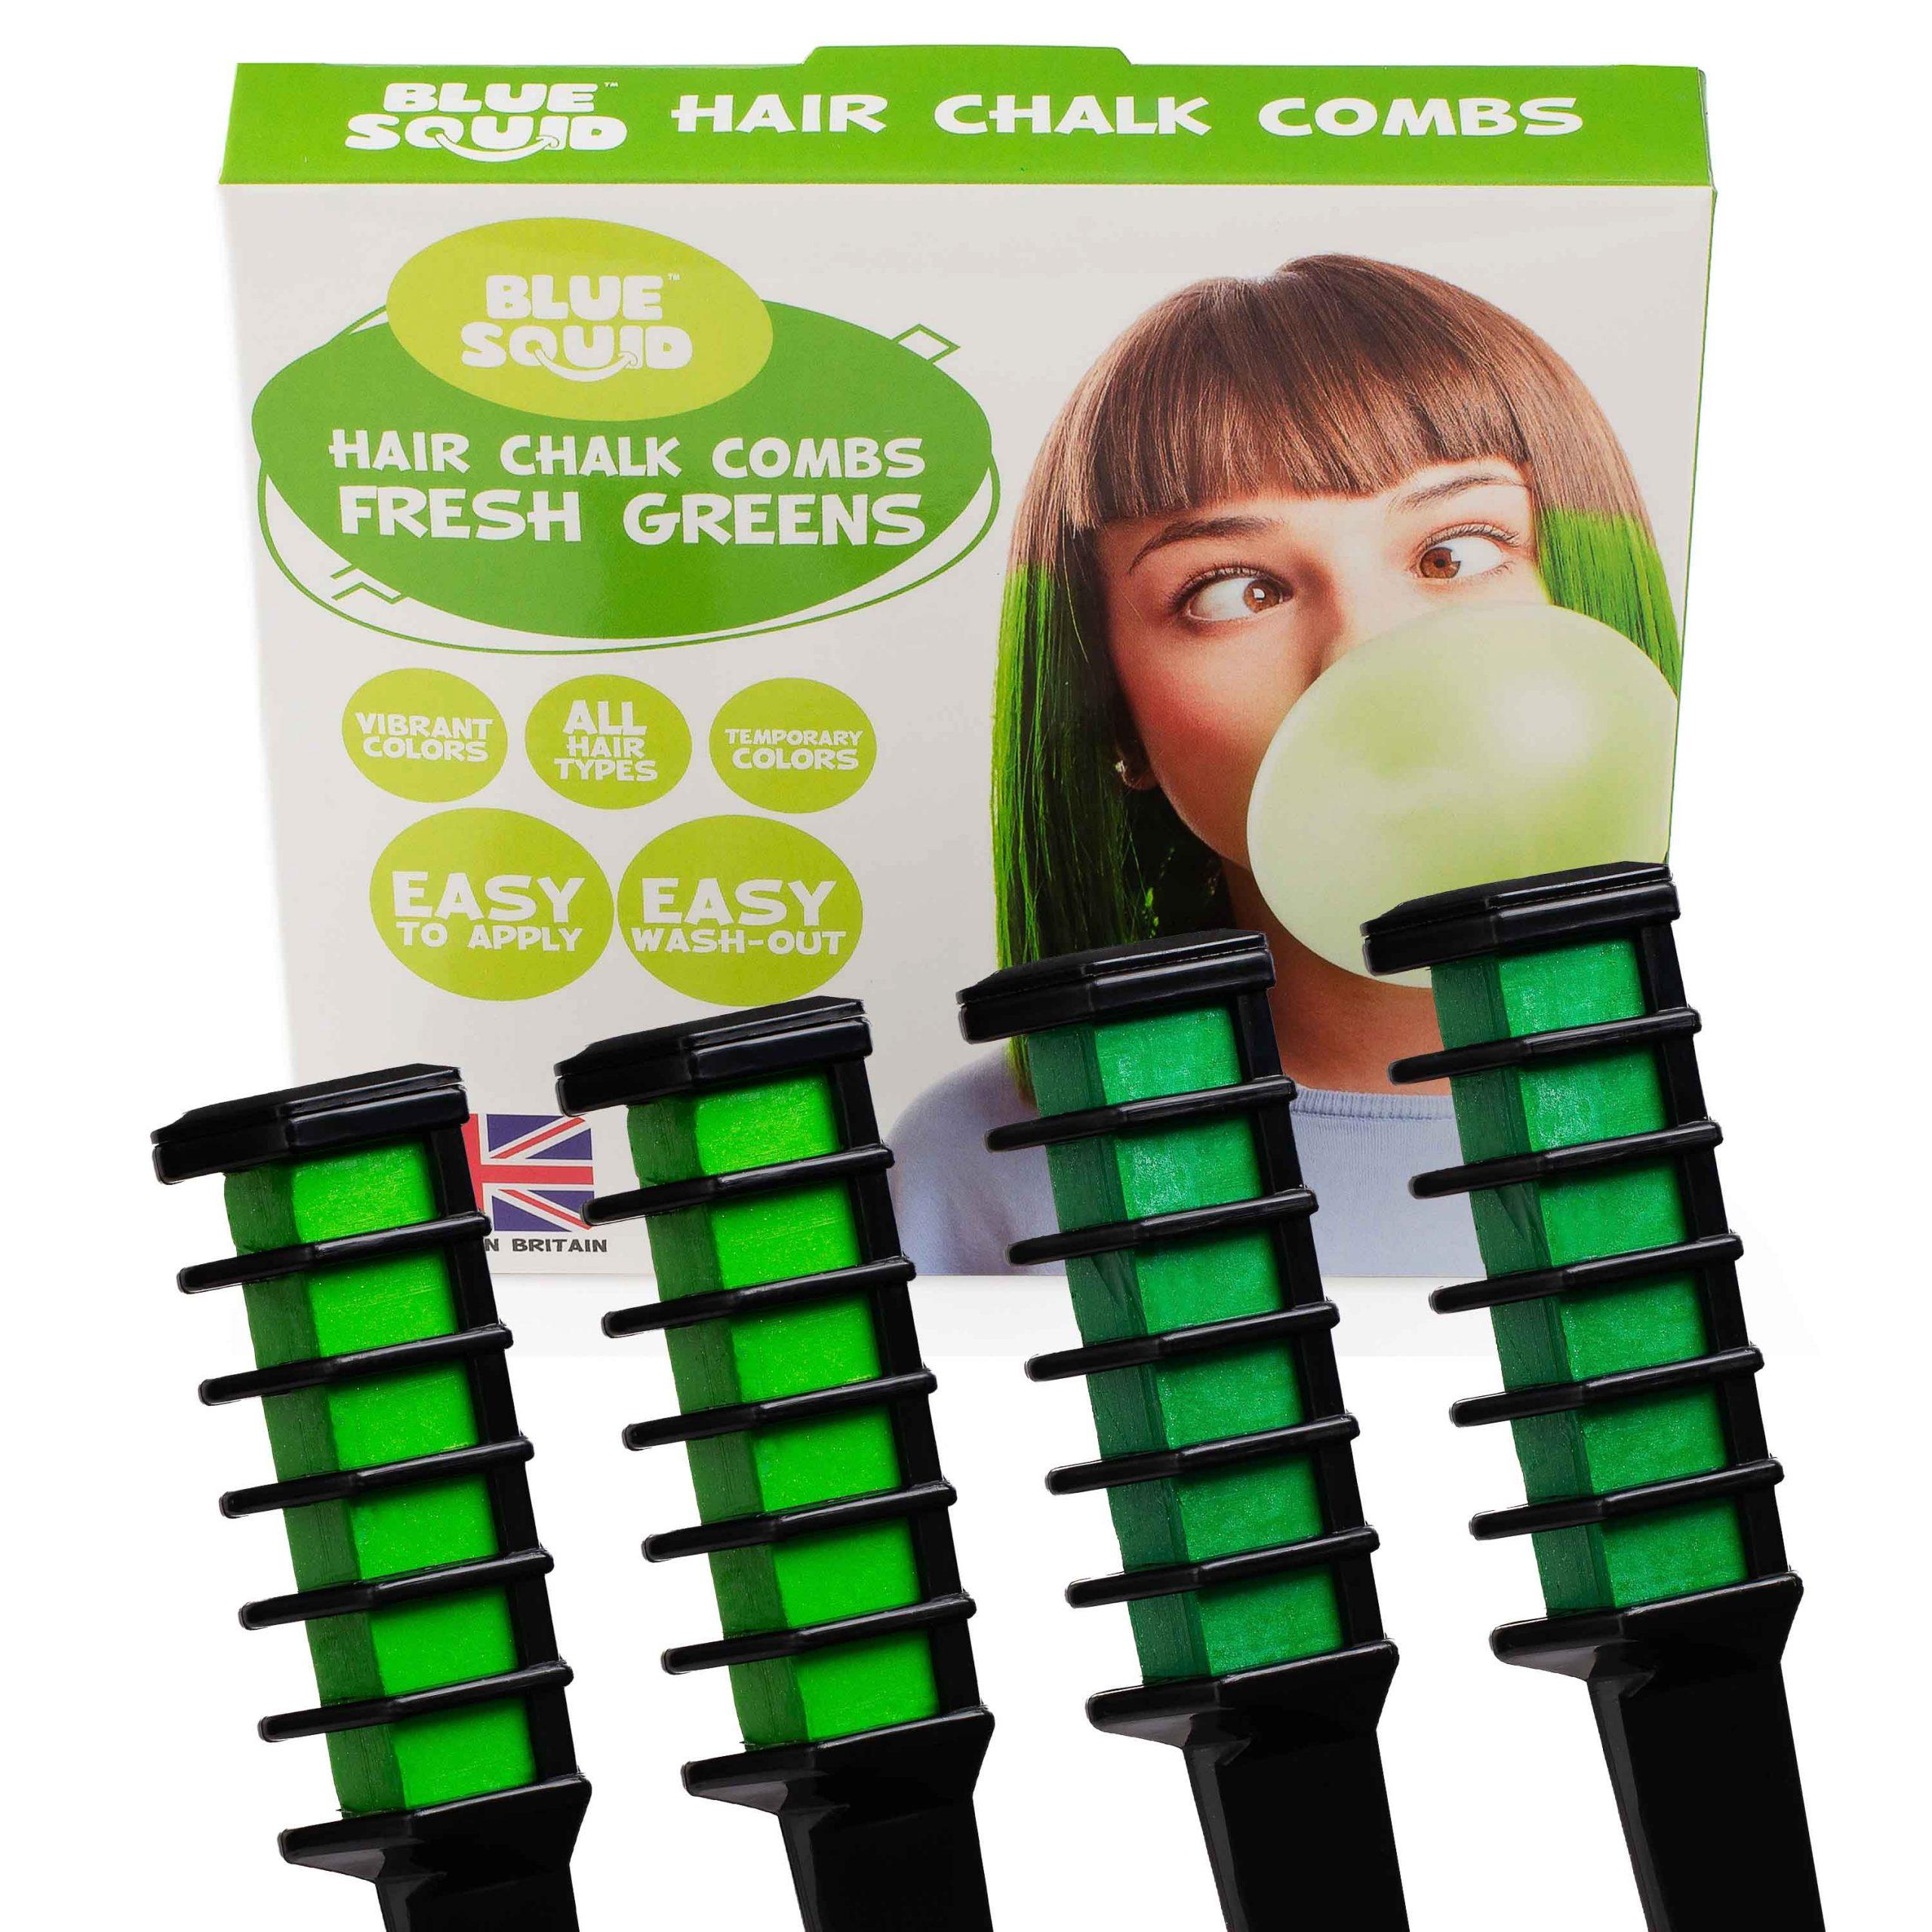 Fresh Green Hair Chalk Combs